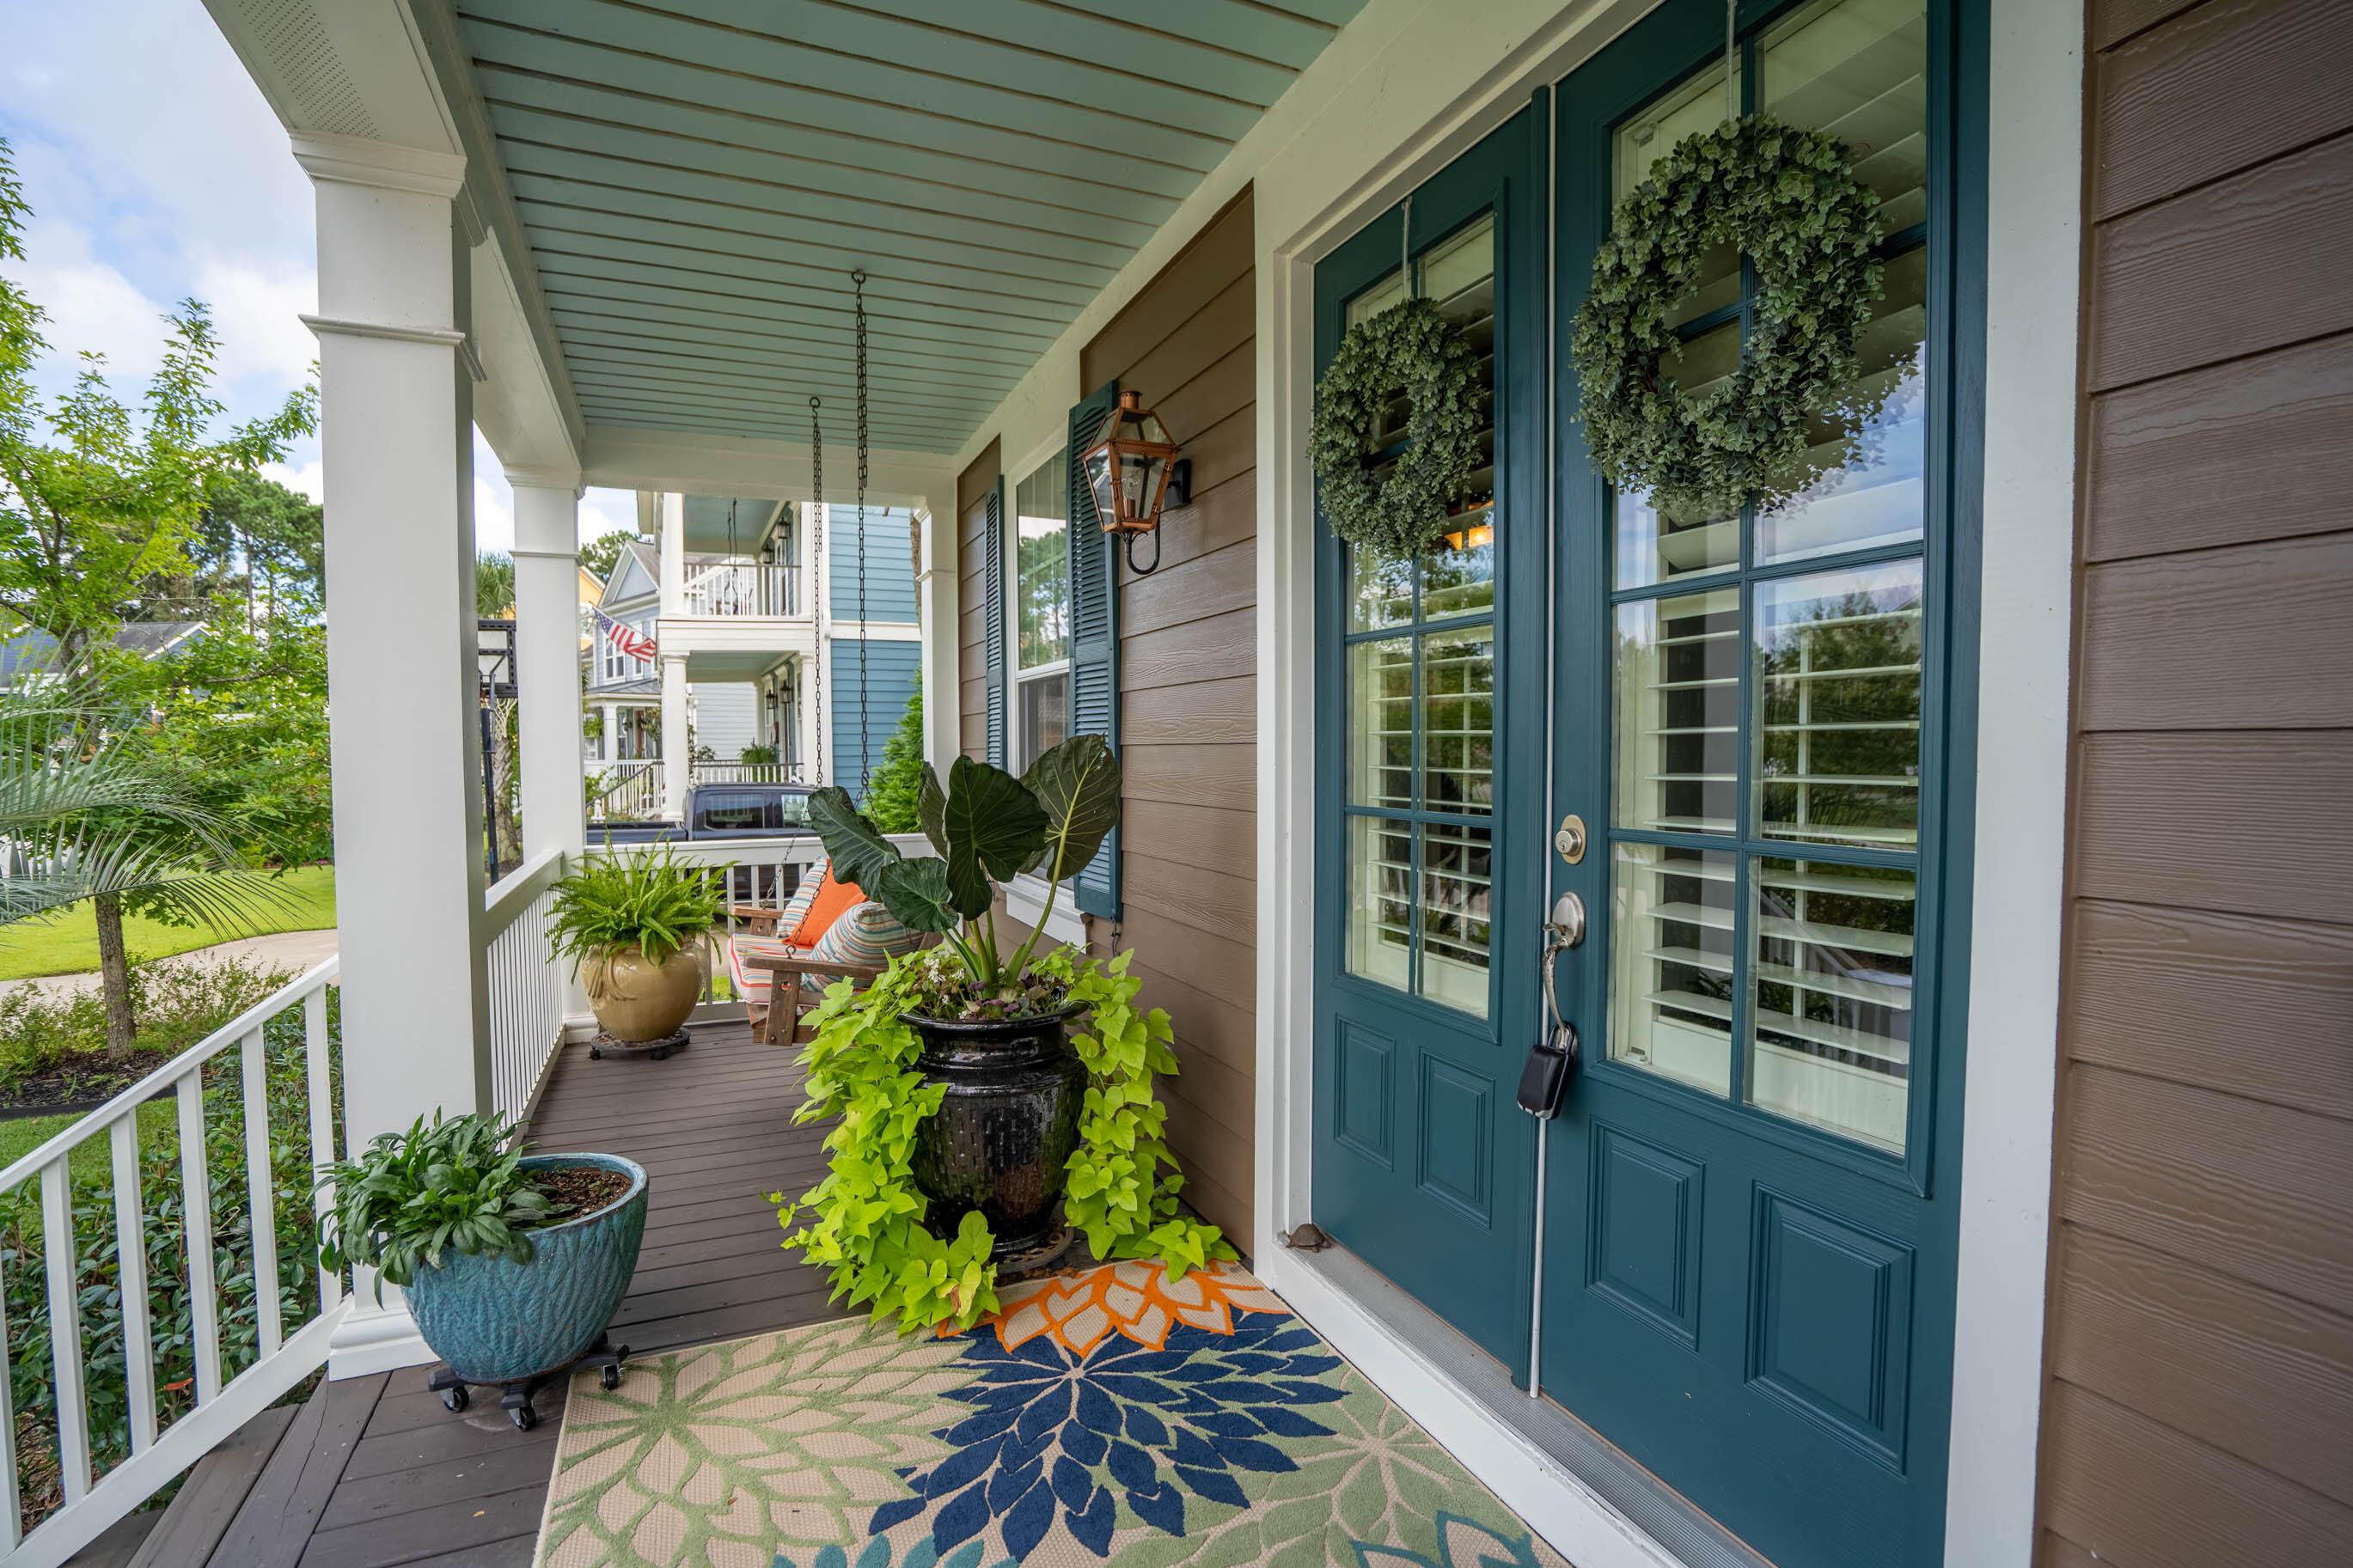 Dunes West Homes For Sale - 2997 Sturbridge, Mount Pleasant, SC - 12